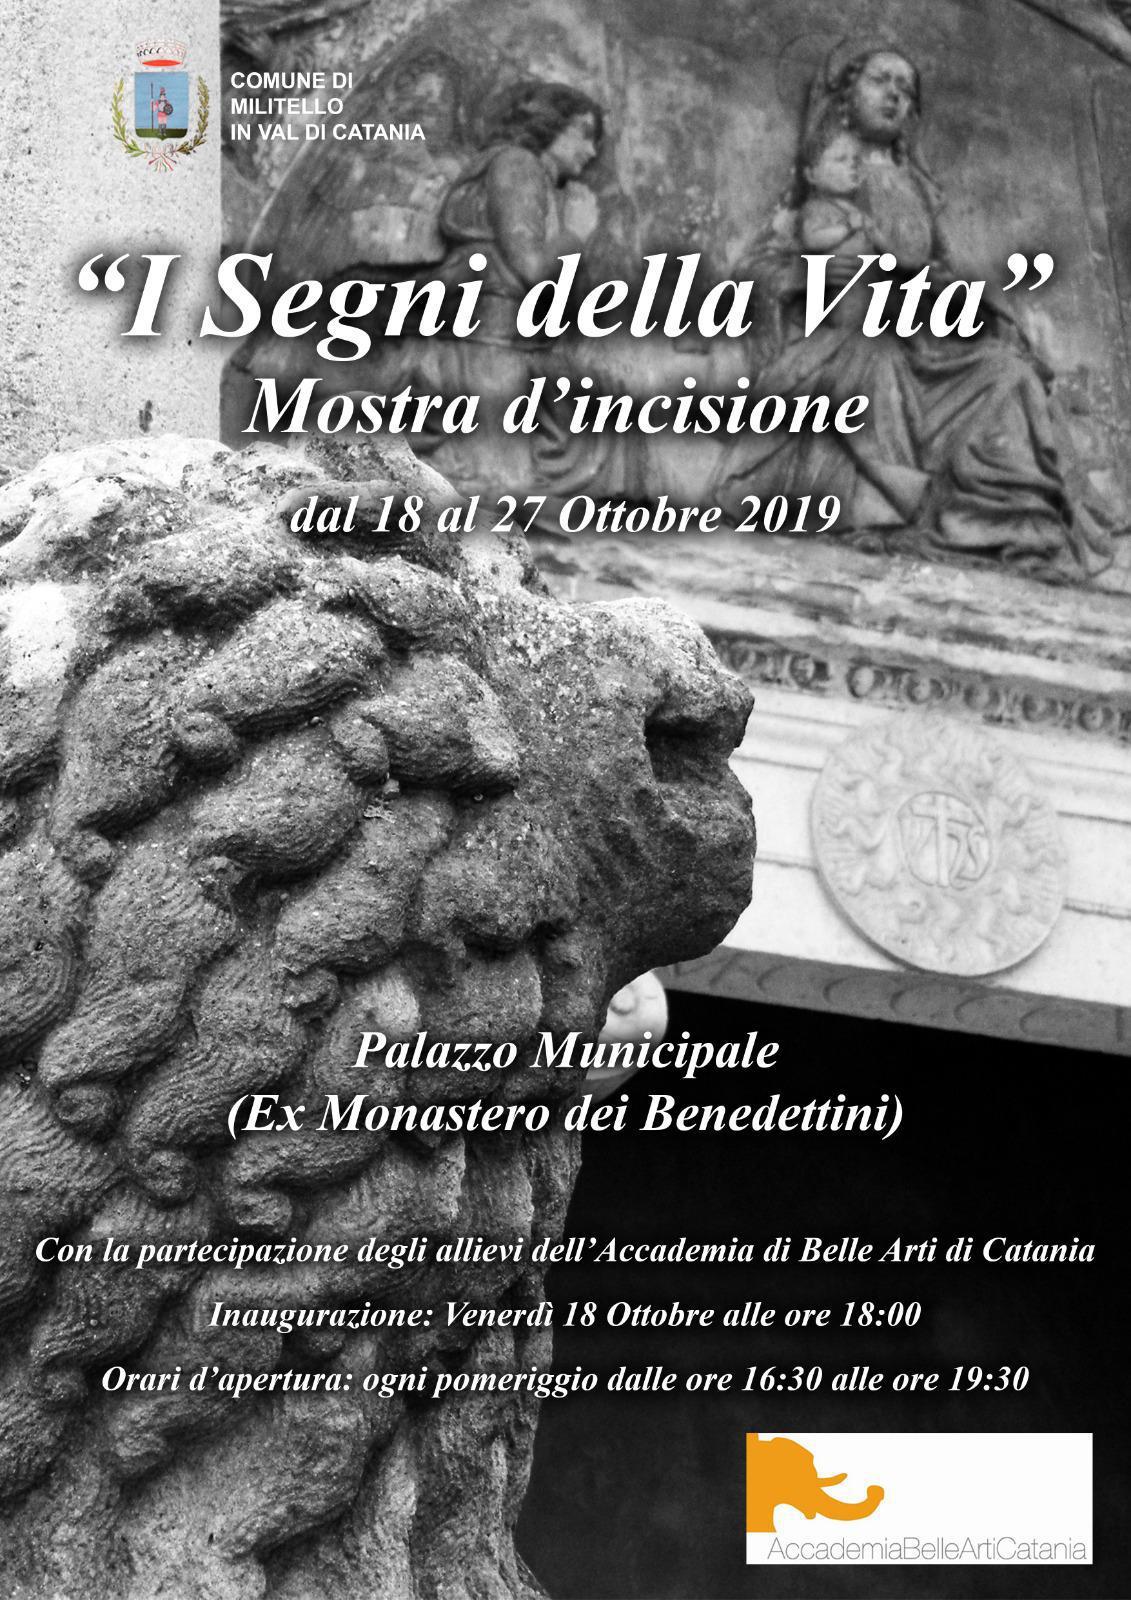 """Inaugurazione Mostra d'incisione """"I Segni della Vita"""". A cura degli allievi dell'Accademia di Belle Arti di Catania con il prof. Luca Indaco"""